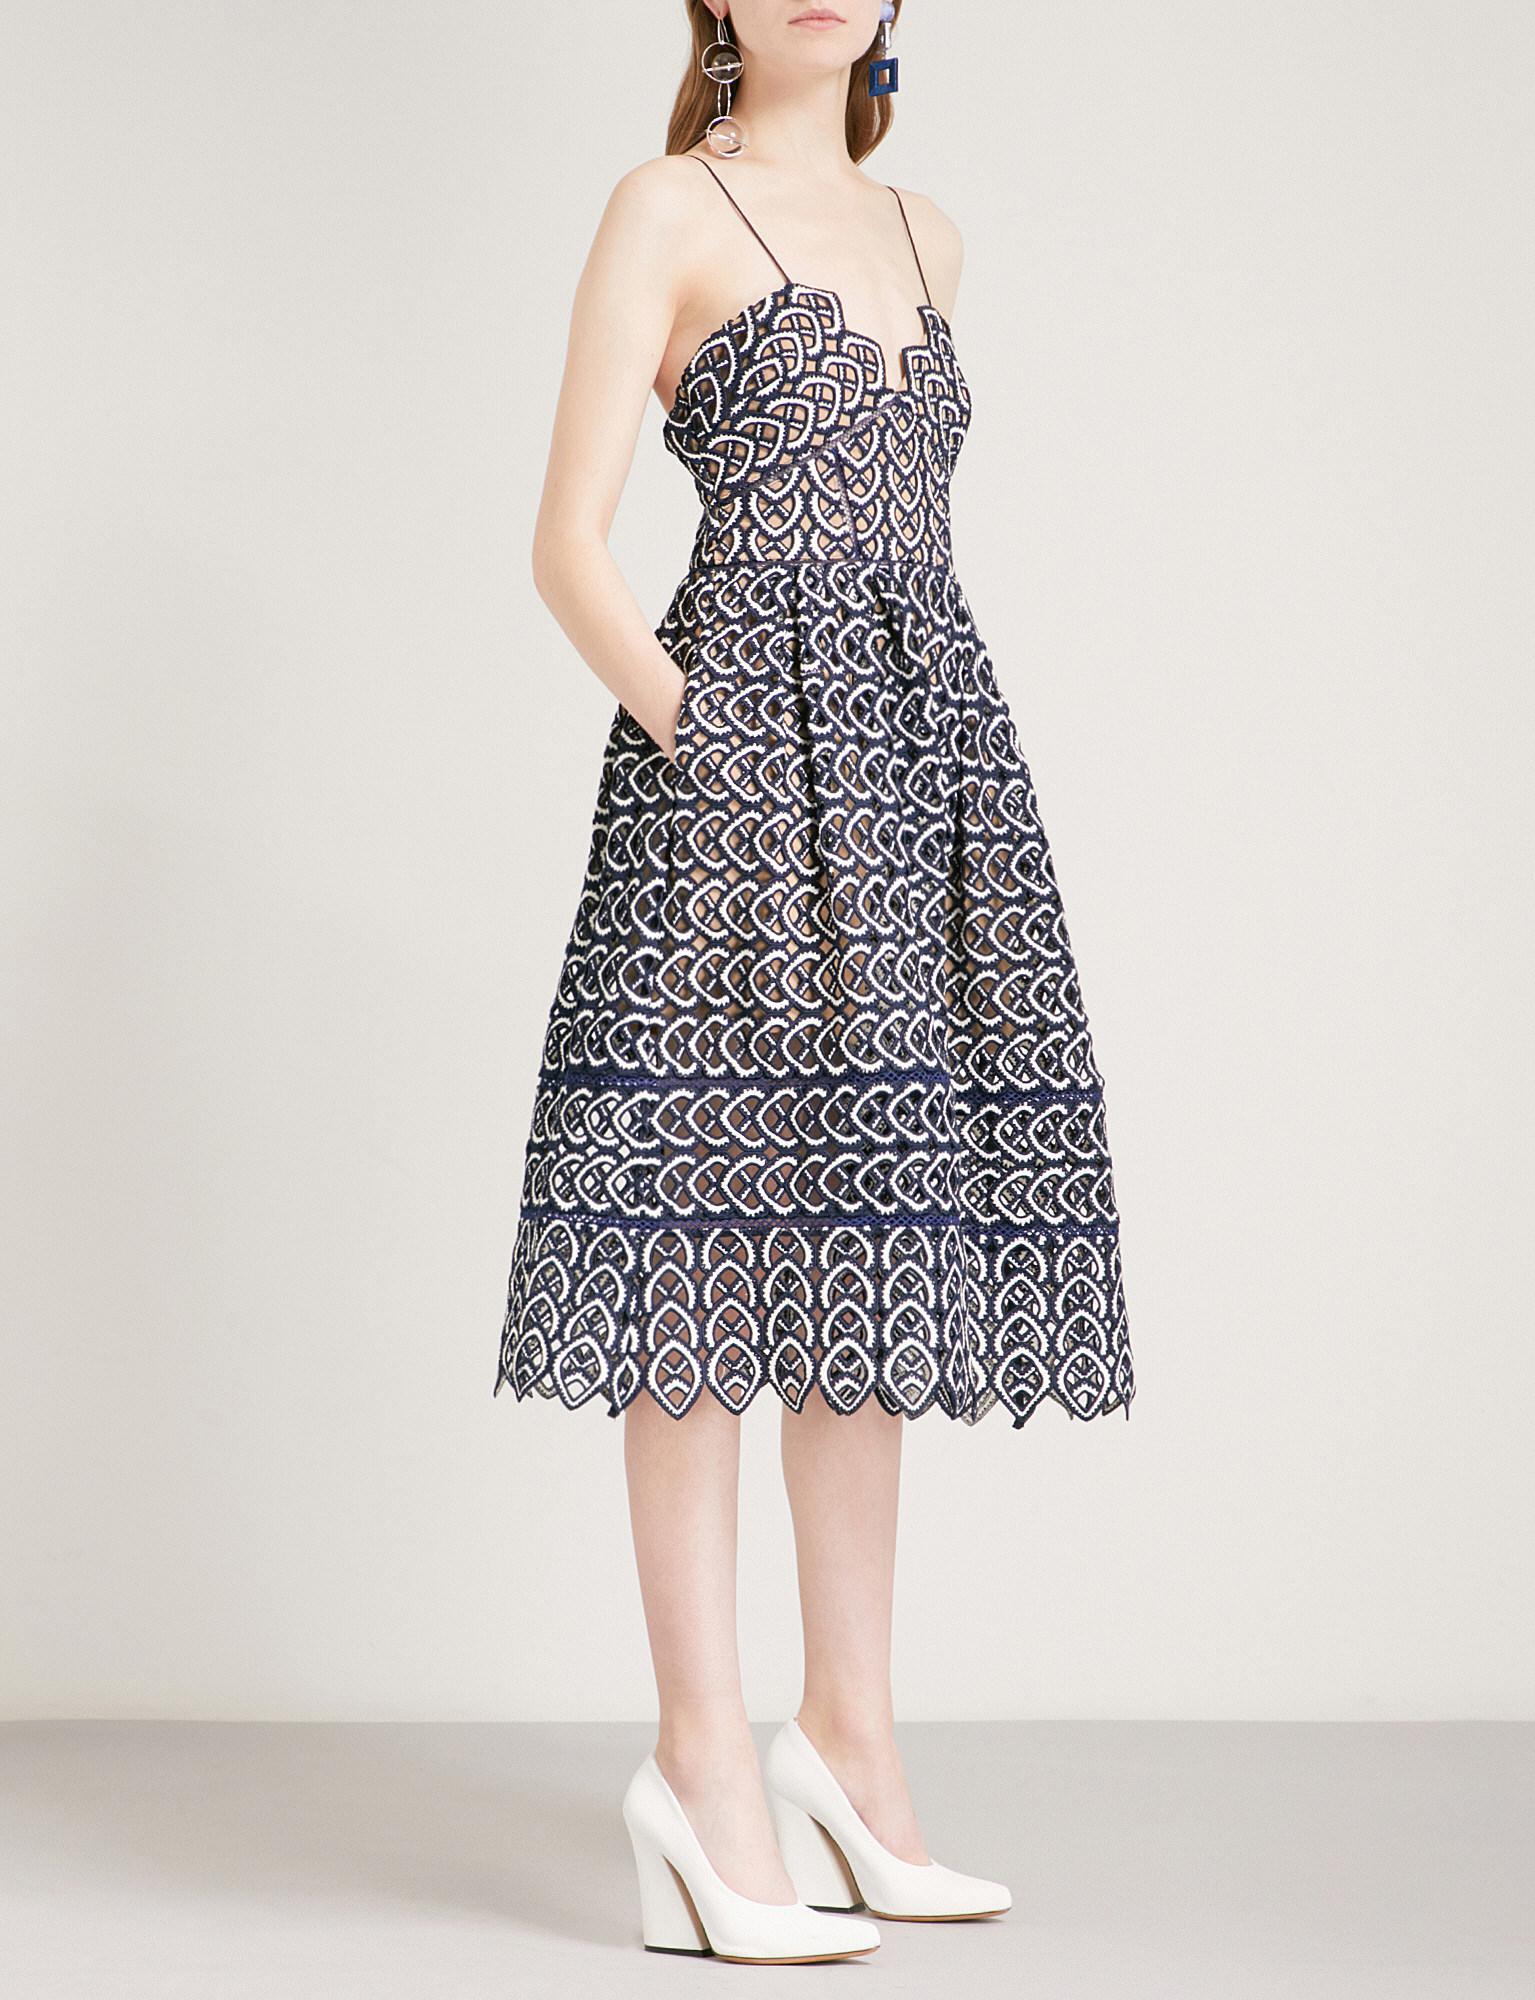 Sweetheart Crochet Dress